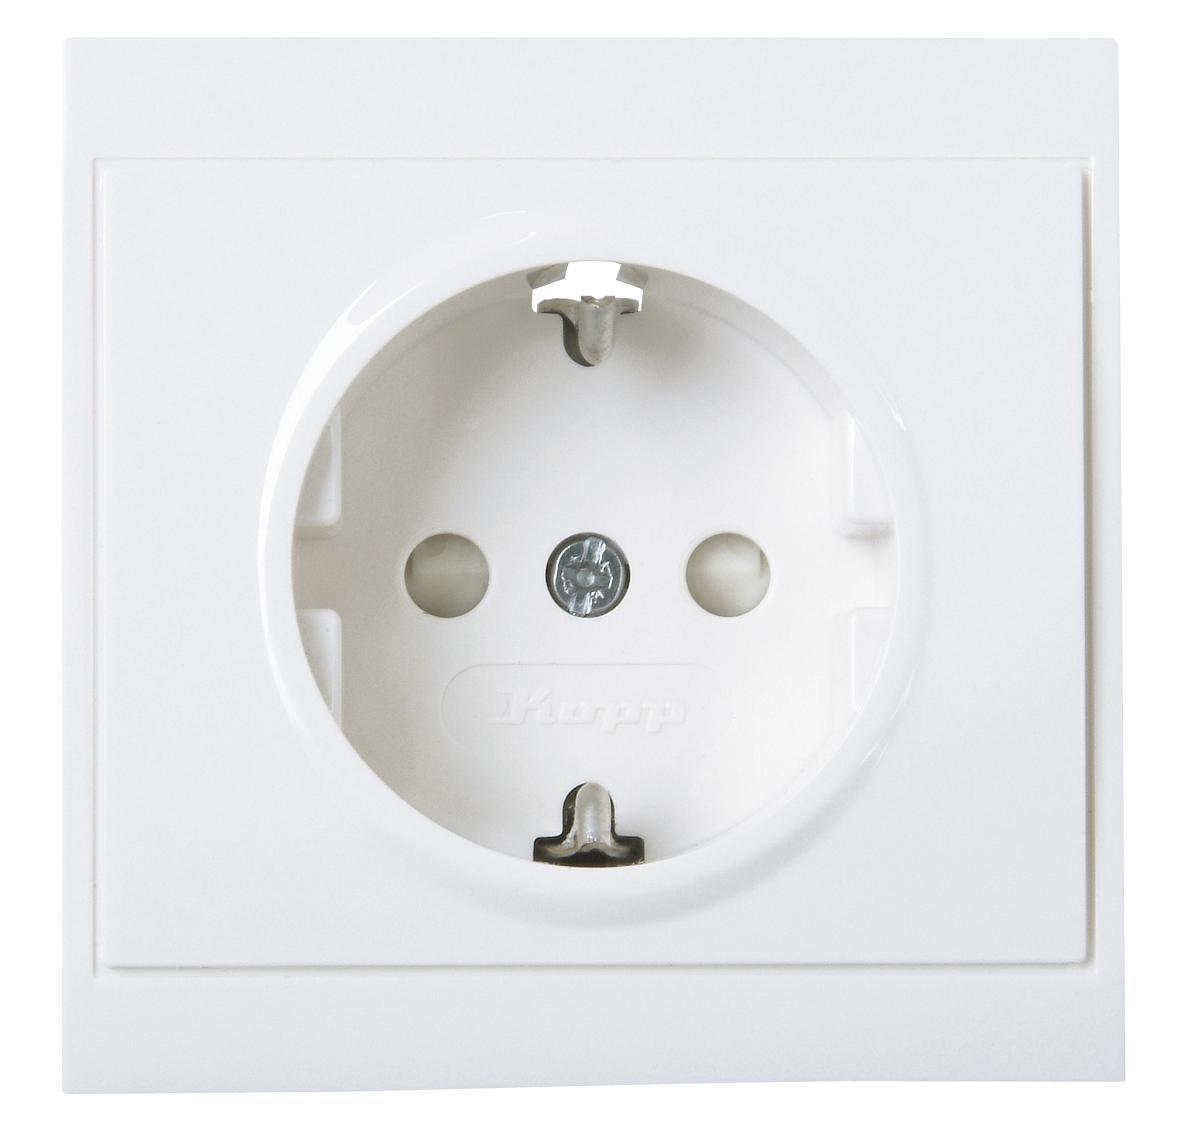 kopp 923413082 malta arktis wei schutzkontakt steckdose ohne deckel online kaufen im voltus. Black Bedroom Furniture Sets. Home Design Ideas